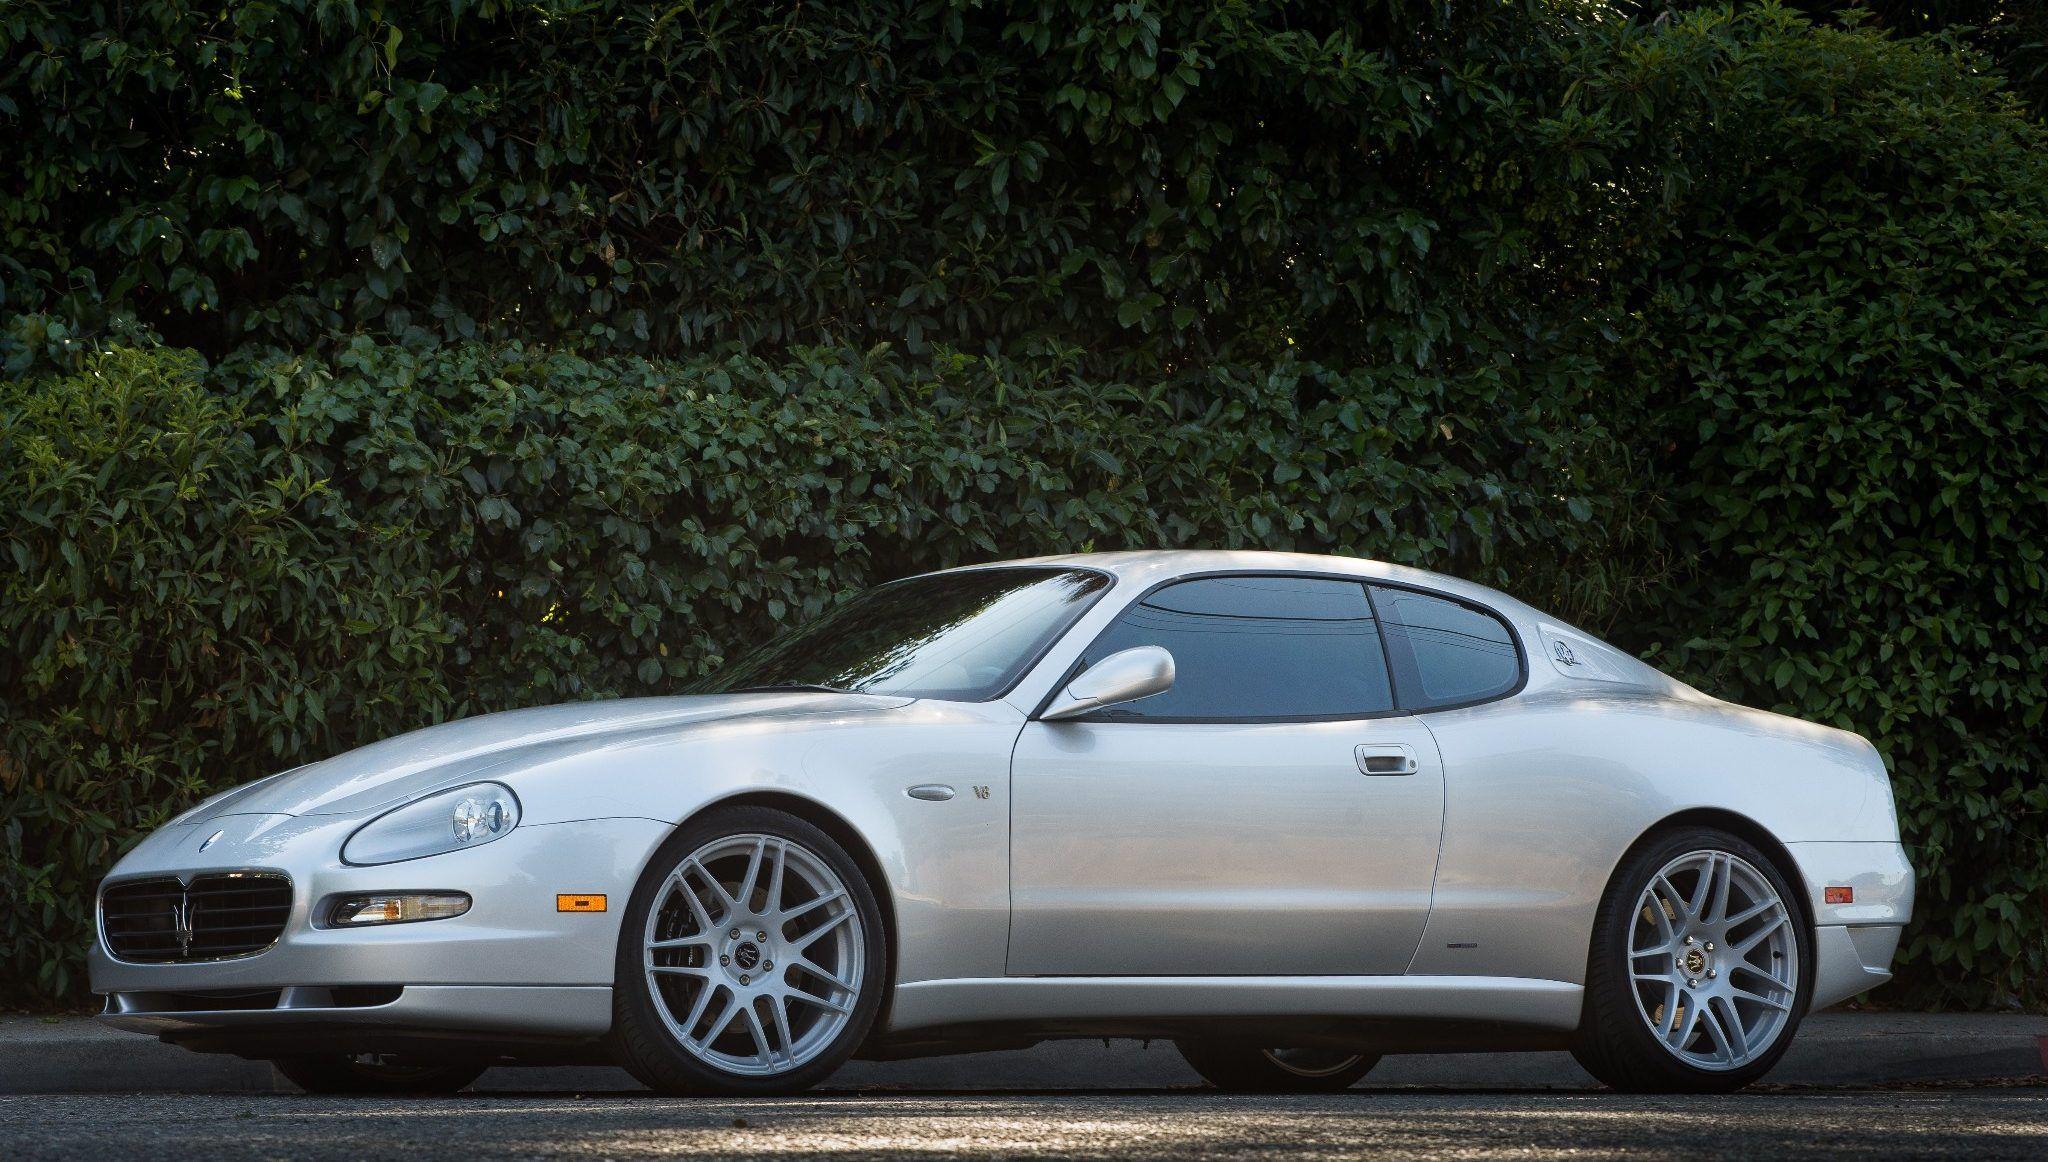 2006 Maserati Coupe GT 6-Speed   Maserati coupe, Maserati, Coupe